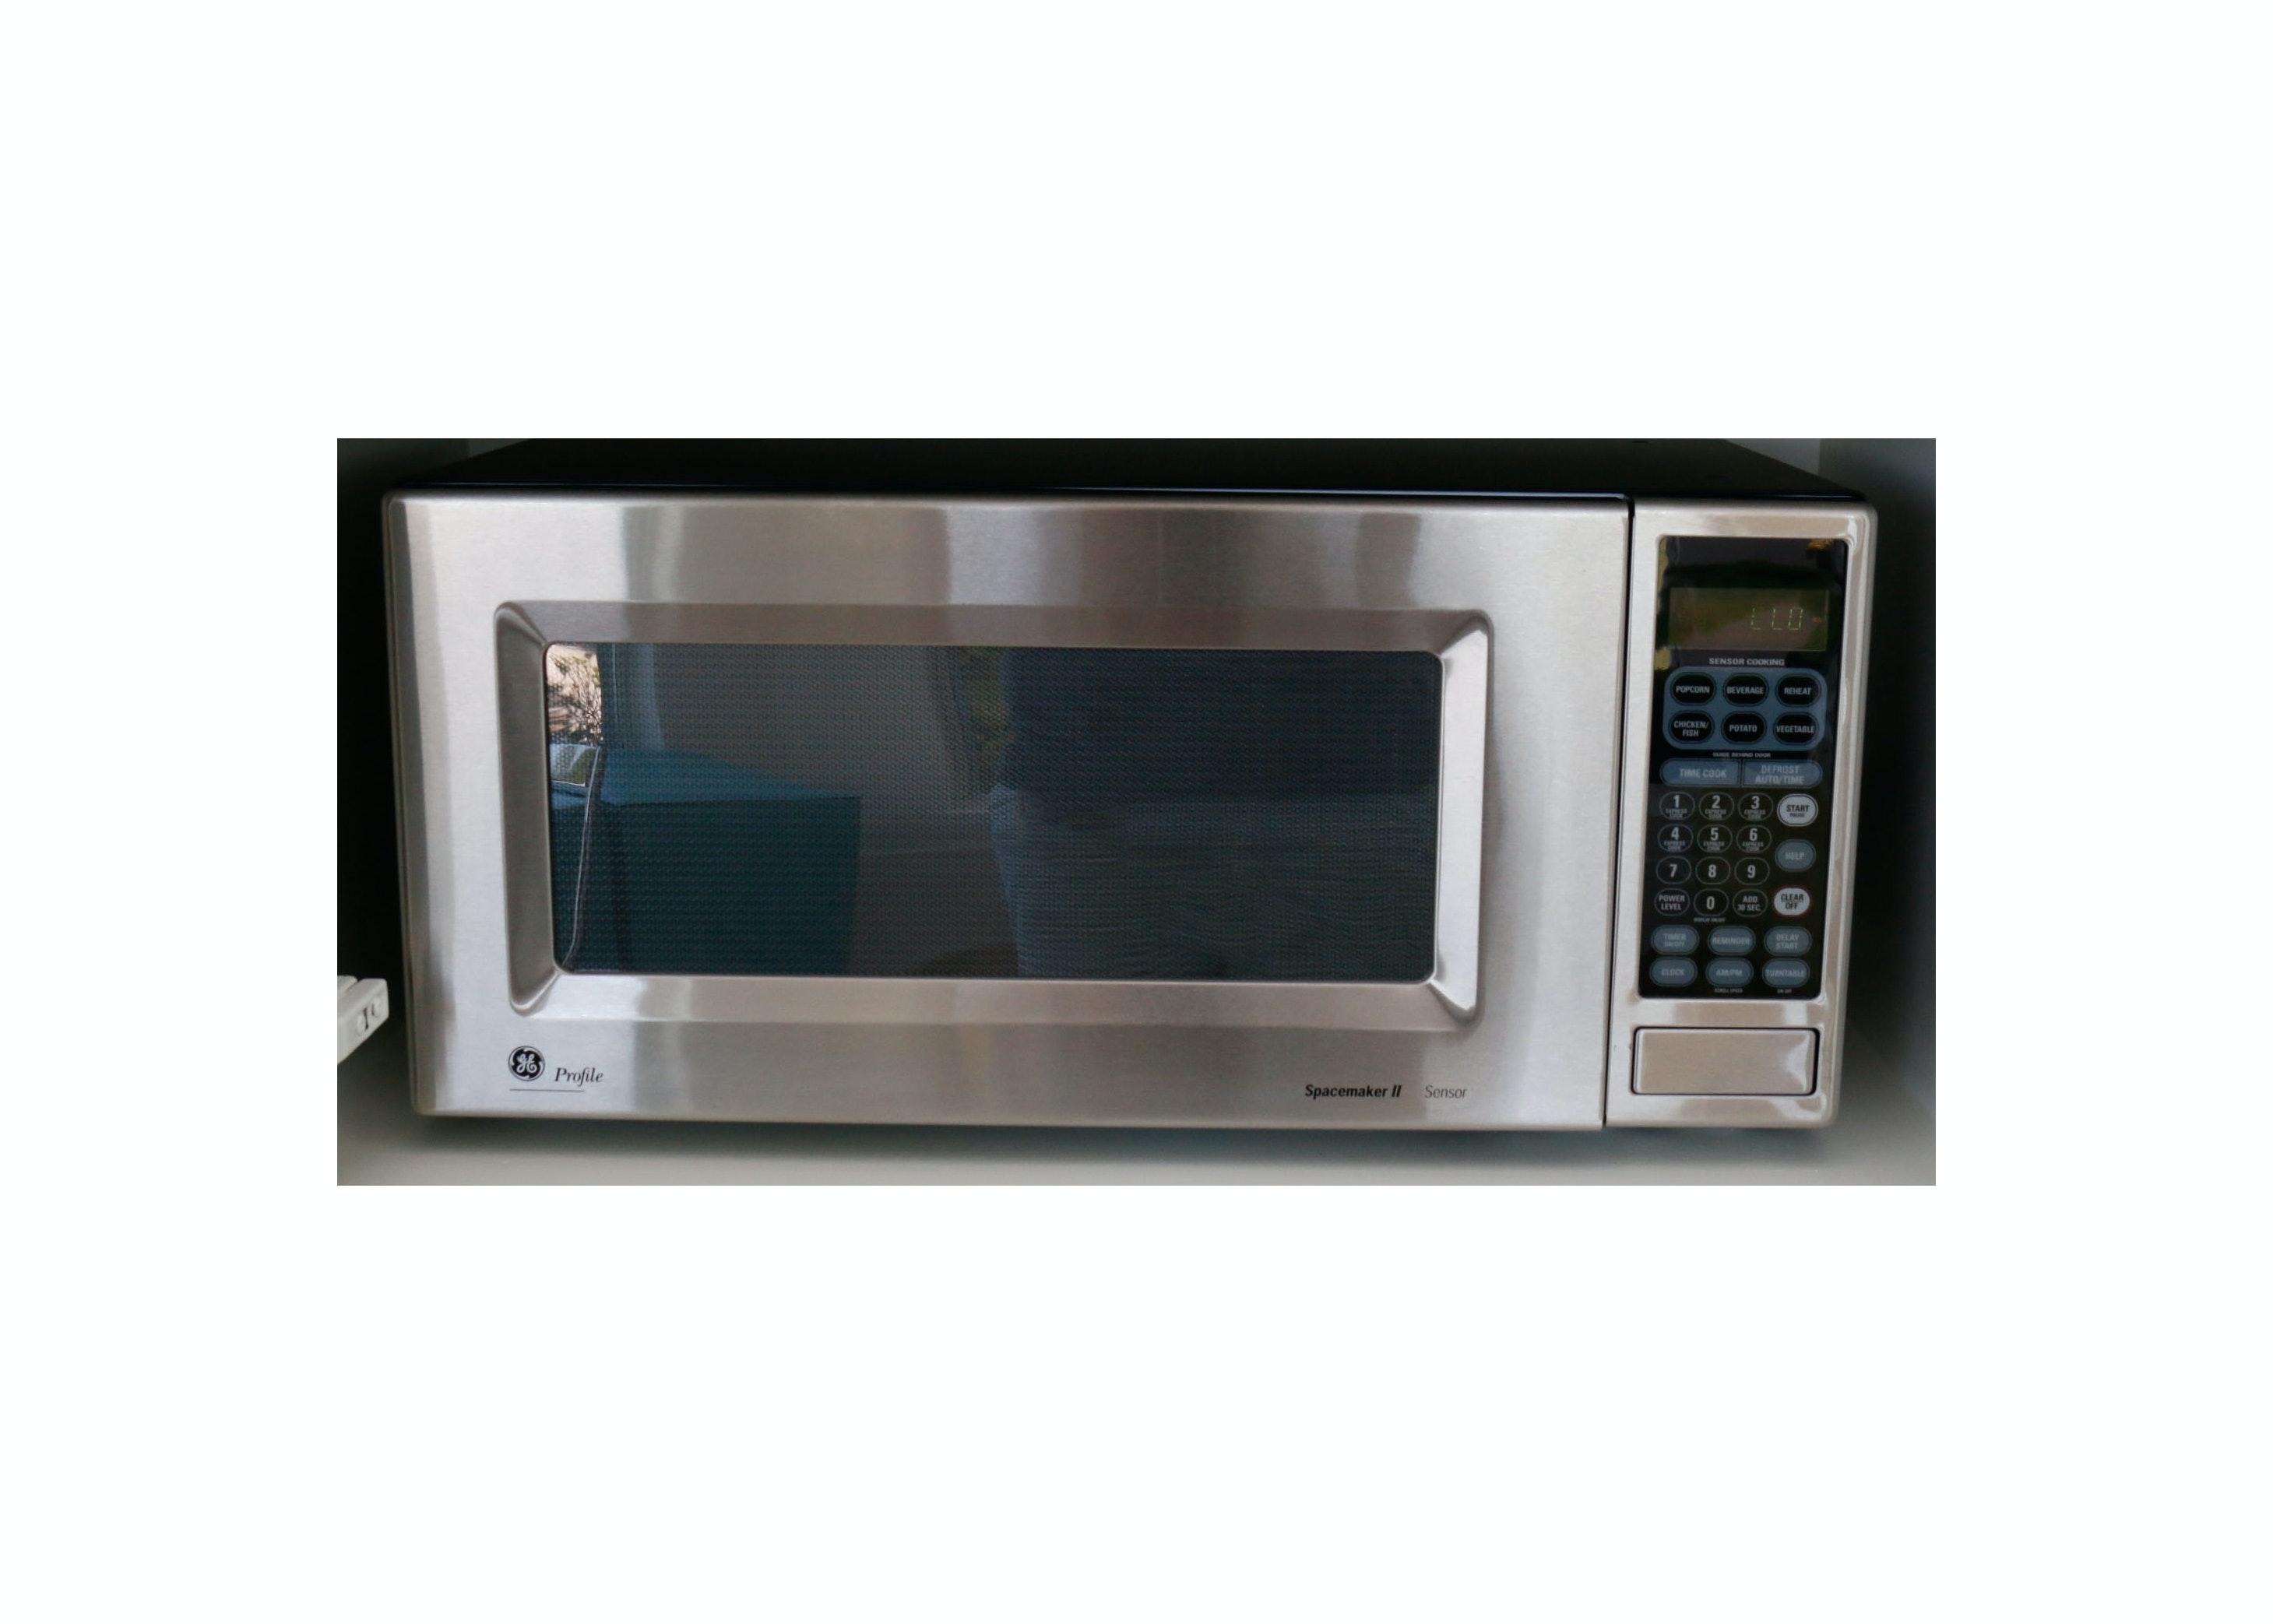 ge profile spacemaker ii microwave manual online user manual u2022 rh pandadigital co GE Profile Spacemaker Microwave Oven GE Profile Microwave Over Oven